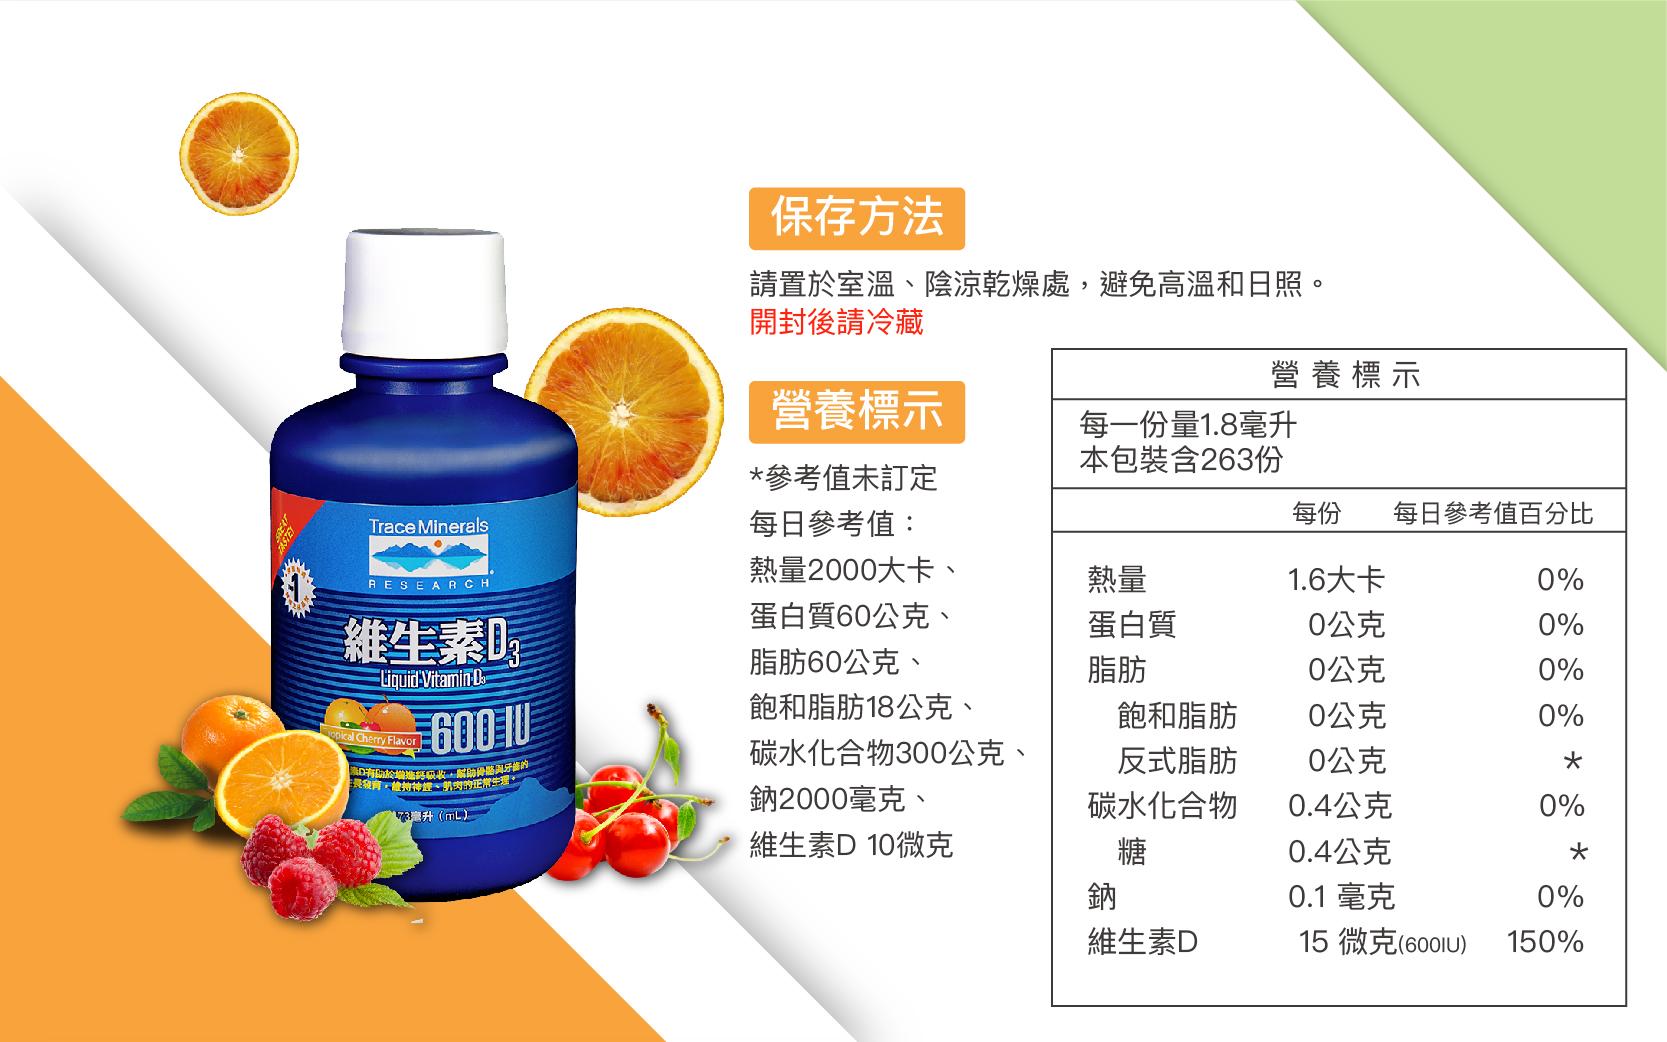 萃思鎂維生素D3 保存方法、營養標示